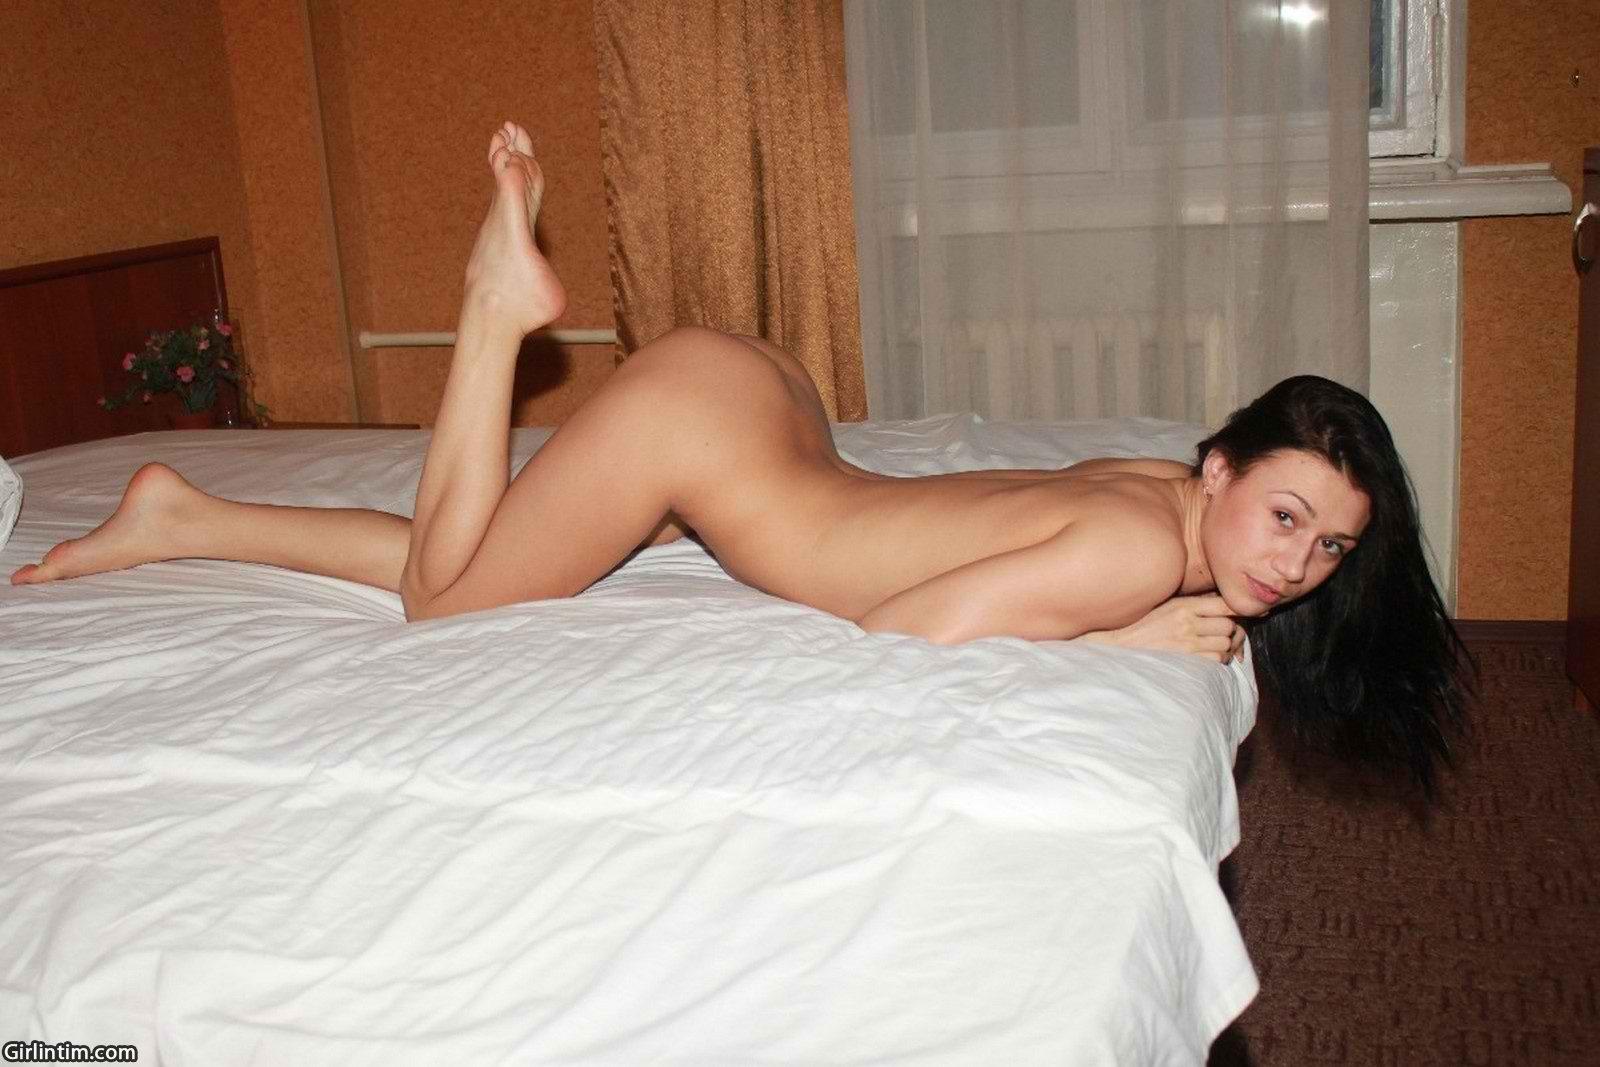 Салон стриптизу фото домашние эротические в сыктывкаре